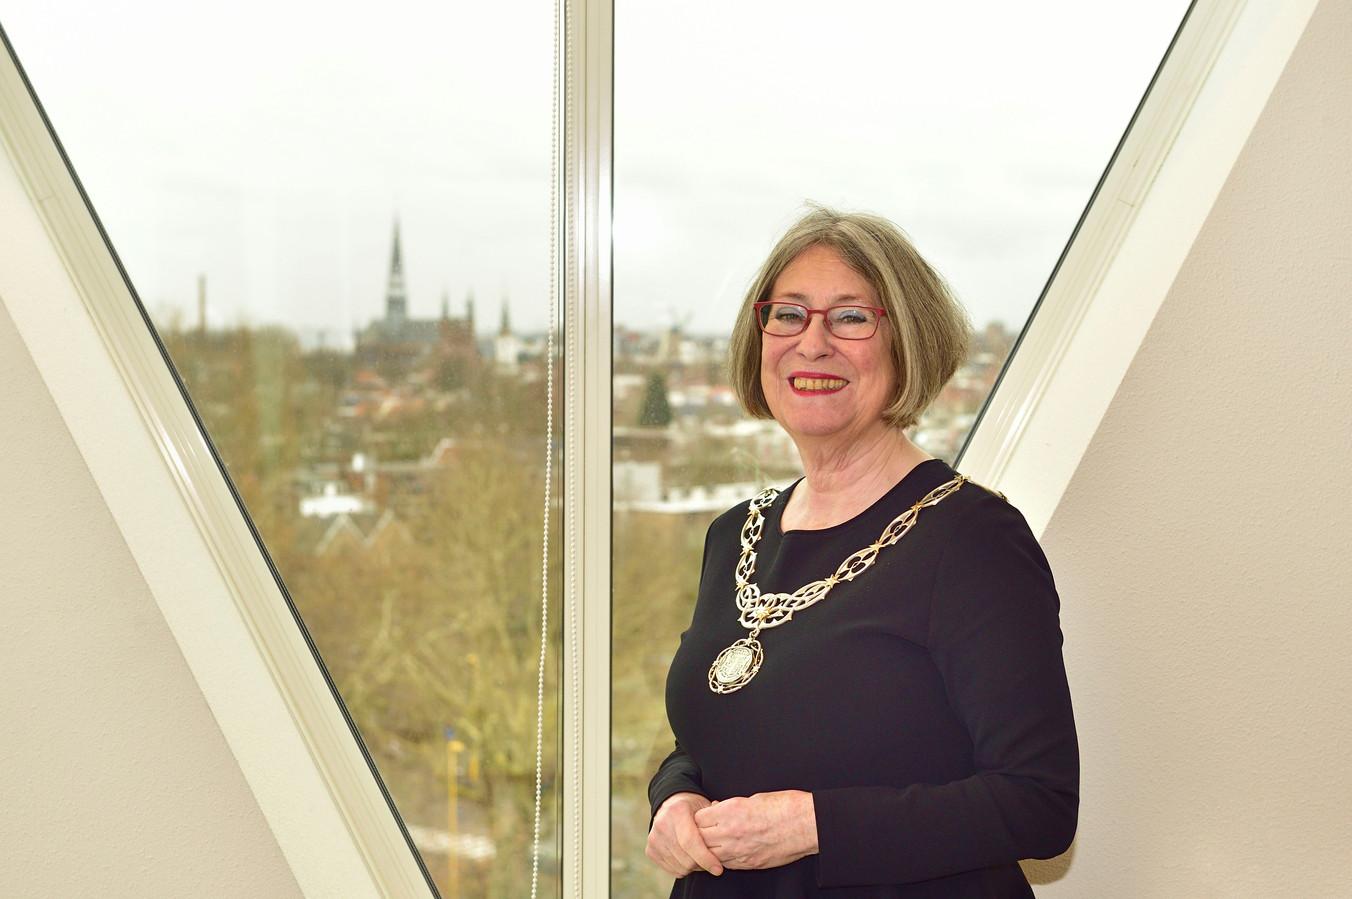 Waarnemend burgemeester Mirjam Salet van Gouda